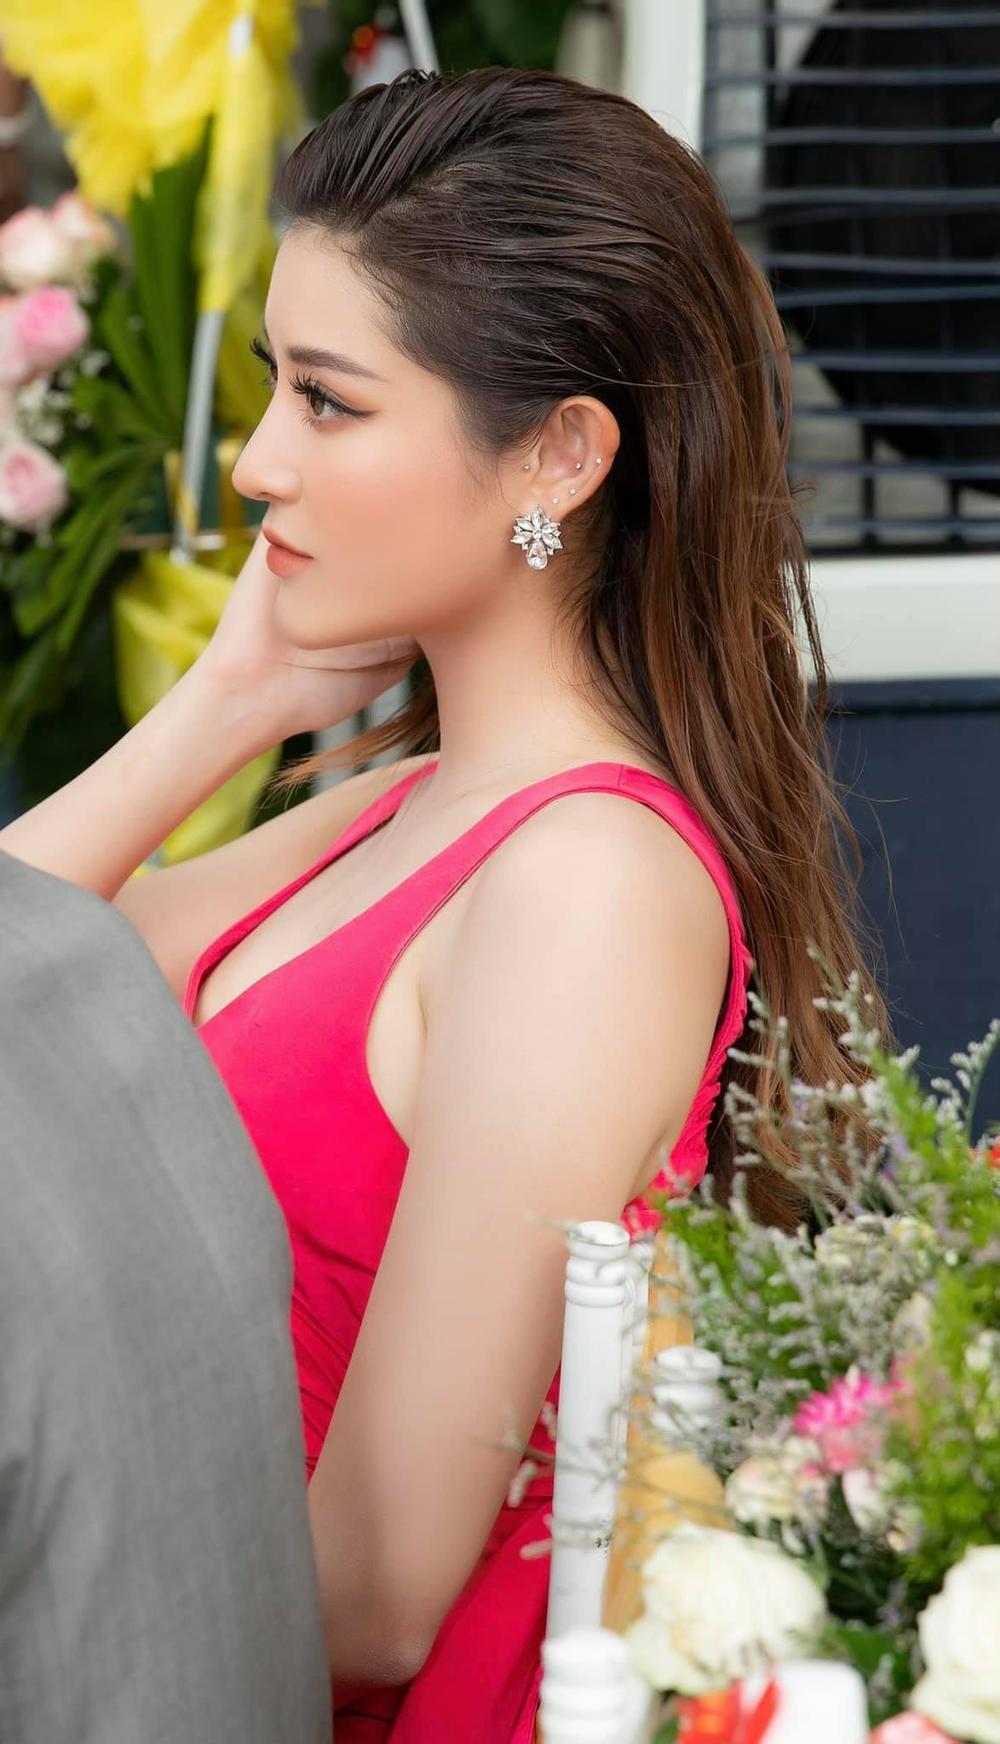 Á hậu Huyền My nền nã với sắc hồng ngọt ngào Ảnh 7